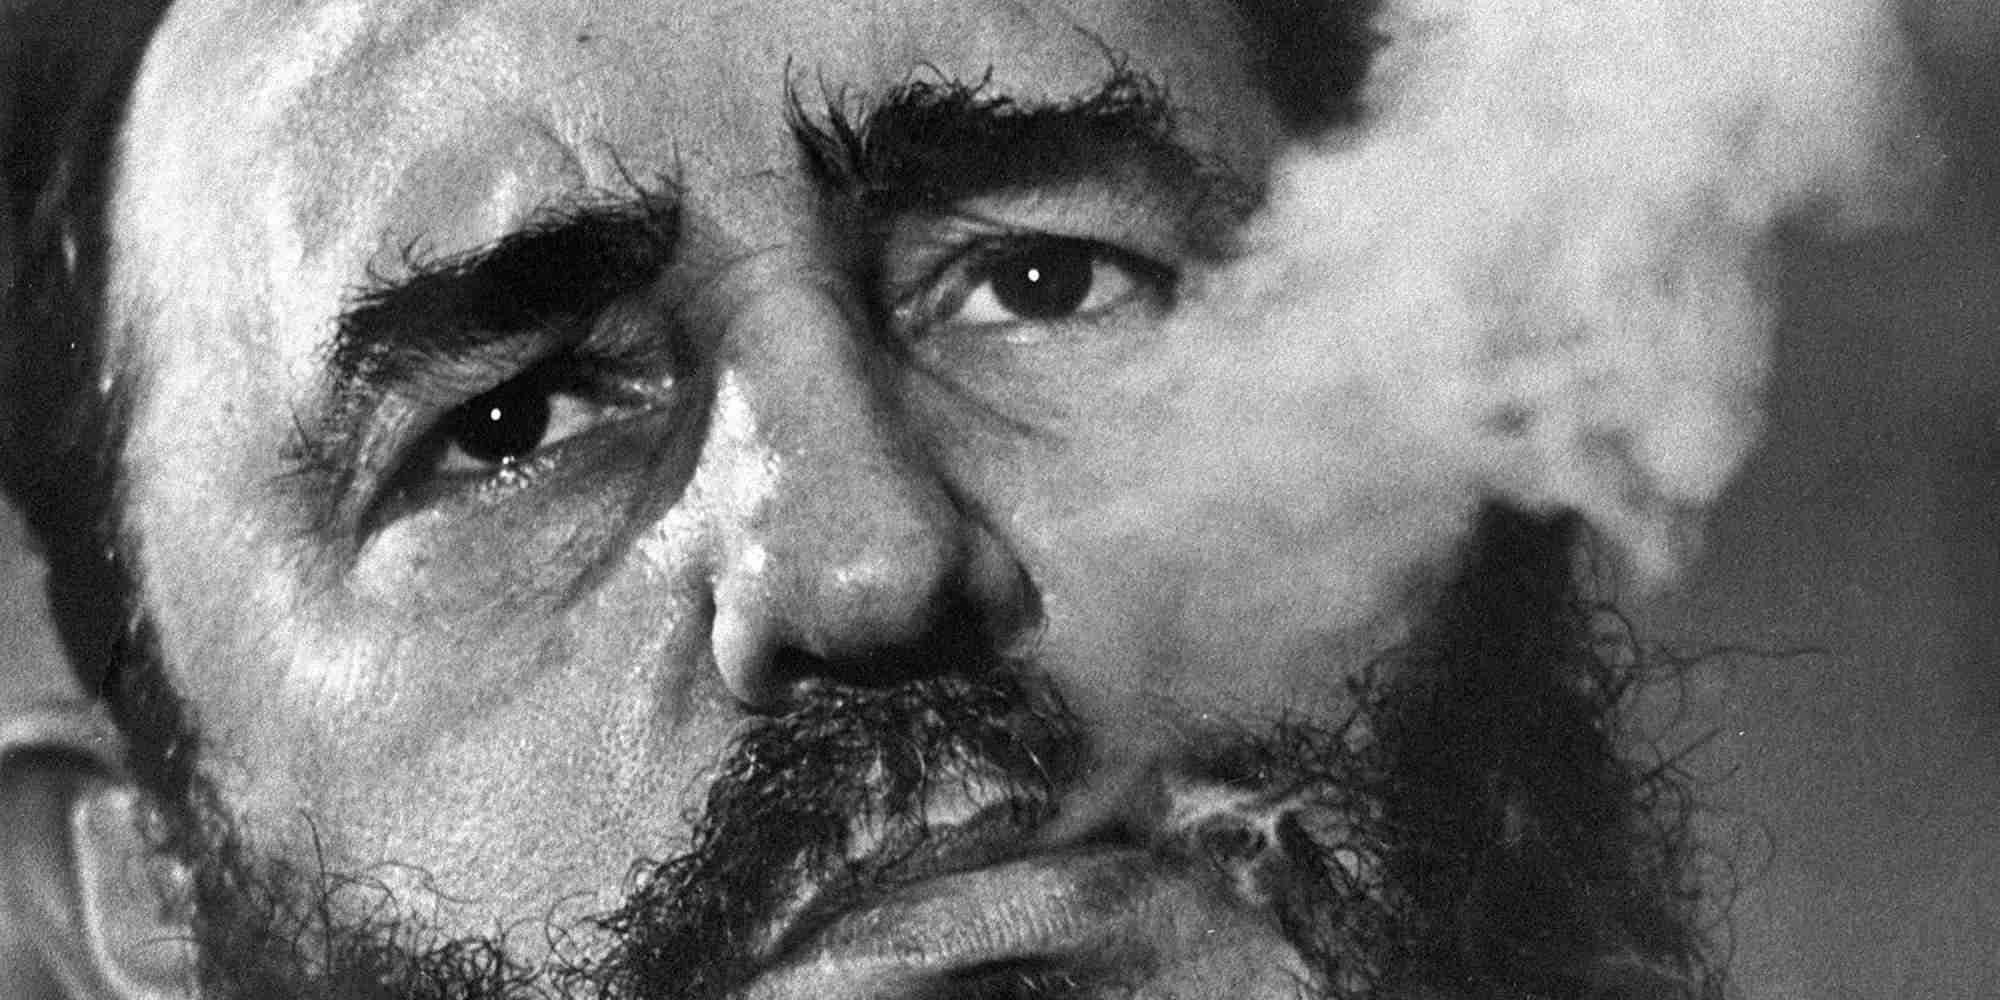 フィデル・カストロ――波乱に満ち、光と影が交差したキューバ革命指導者の生涯